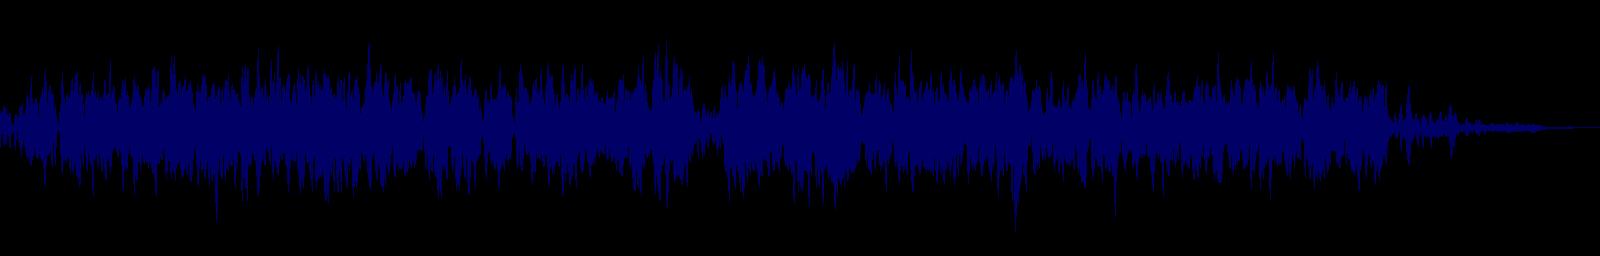 waveform of track #152490